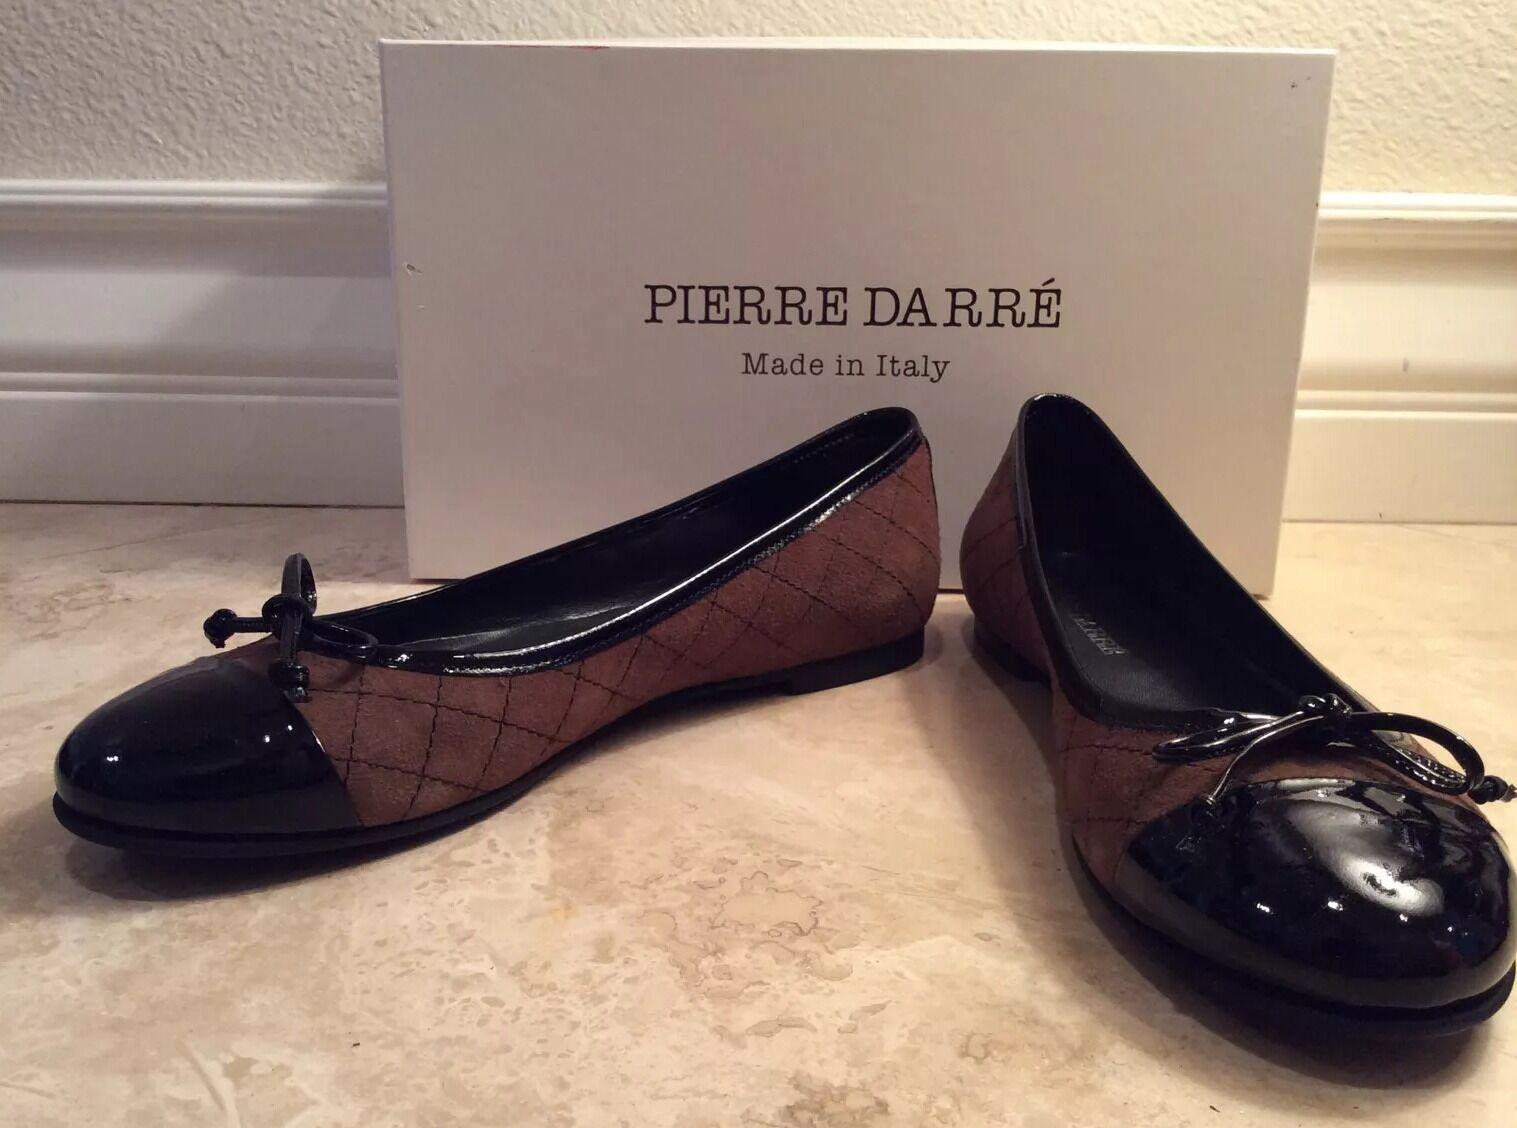 con il prezzo economico per ottenere la migliore marca PIERRE DARRÉ nero Patent Patent Patent Leather Marrone Quilted Suede Ballet Flats 39  NEW   articoli promozionali